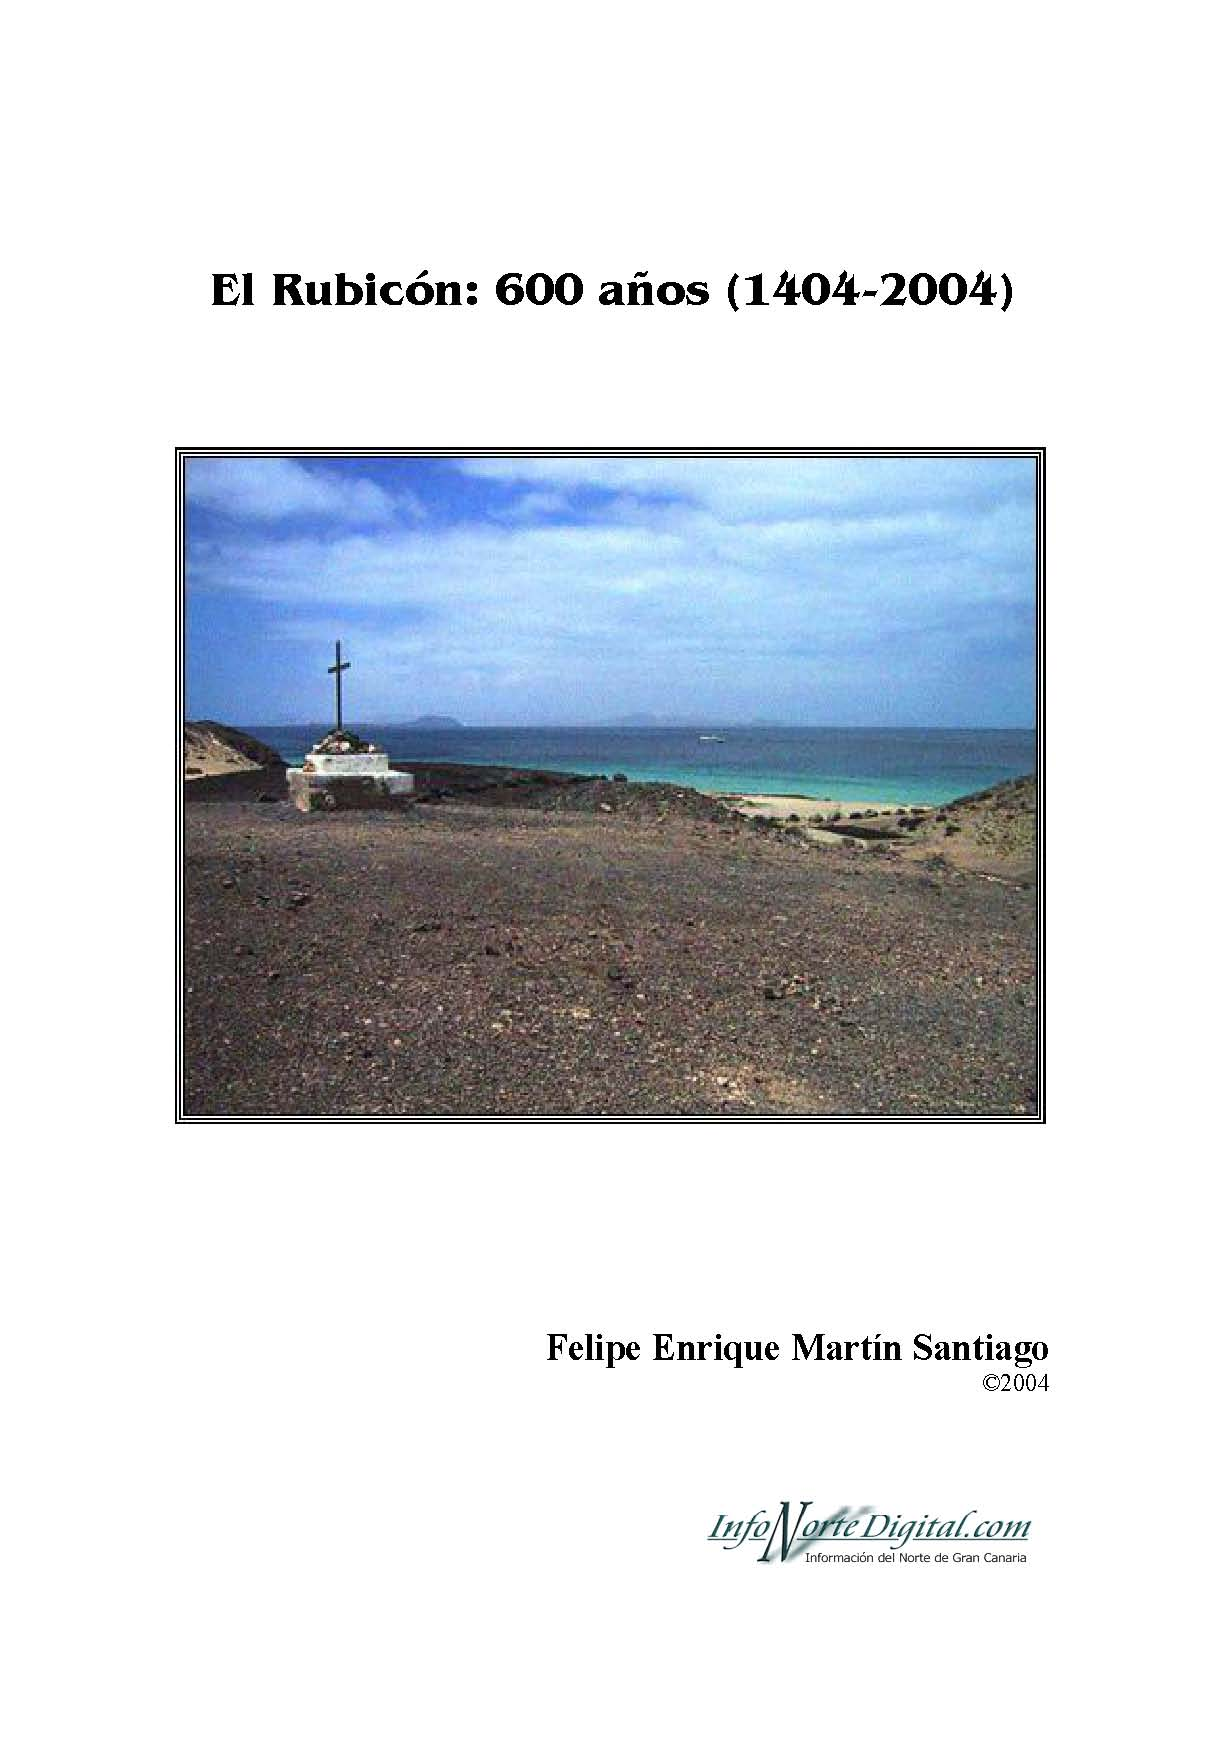 El Rubicón: 600 años (1404-2004)